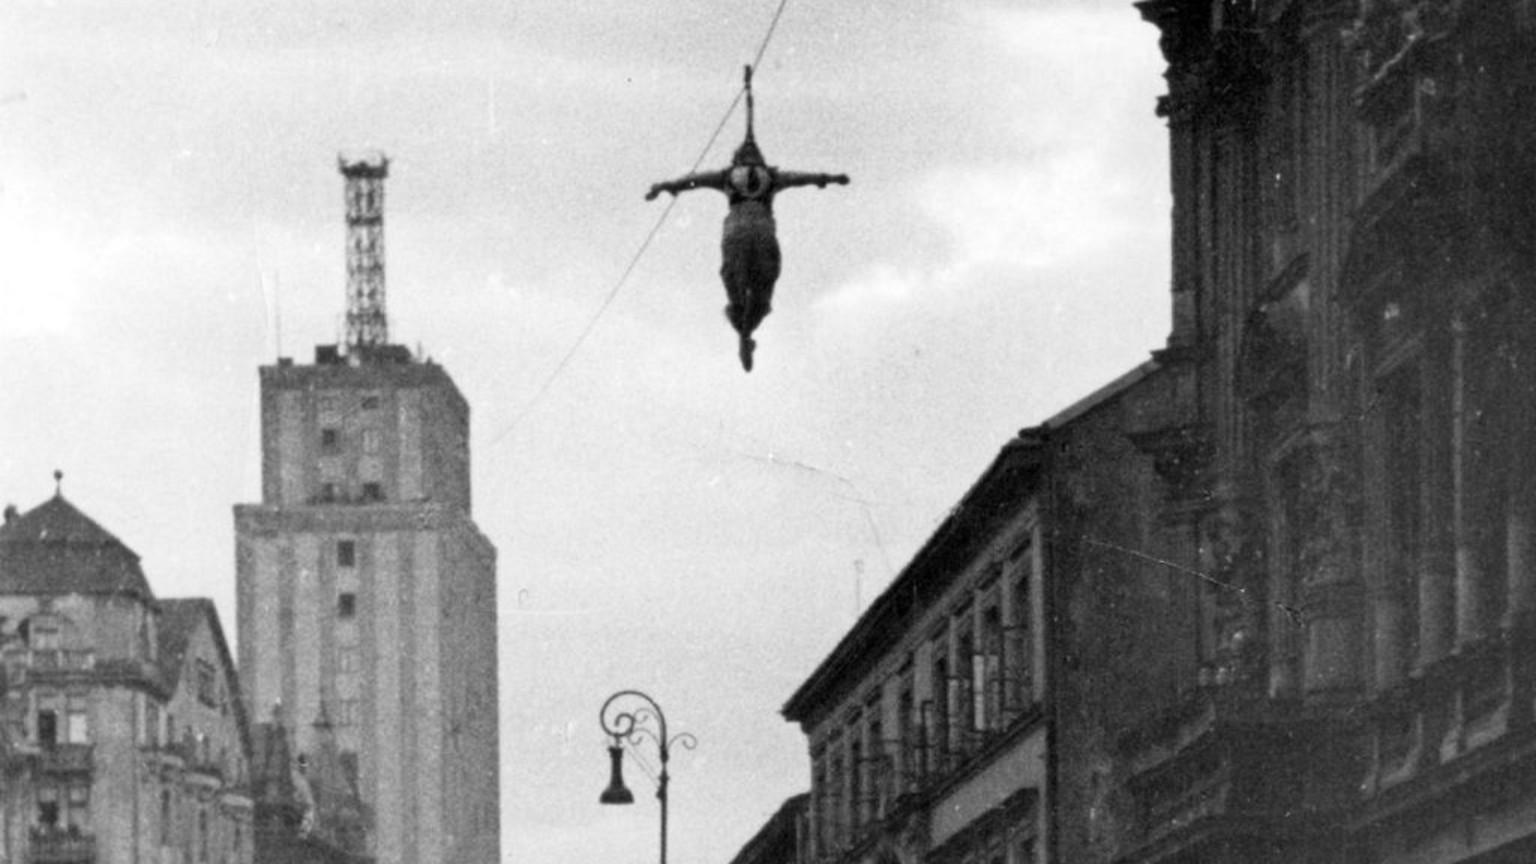 Zdjęcie dla kartki: Niemcy kuszą warszawiaków cyrkiem